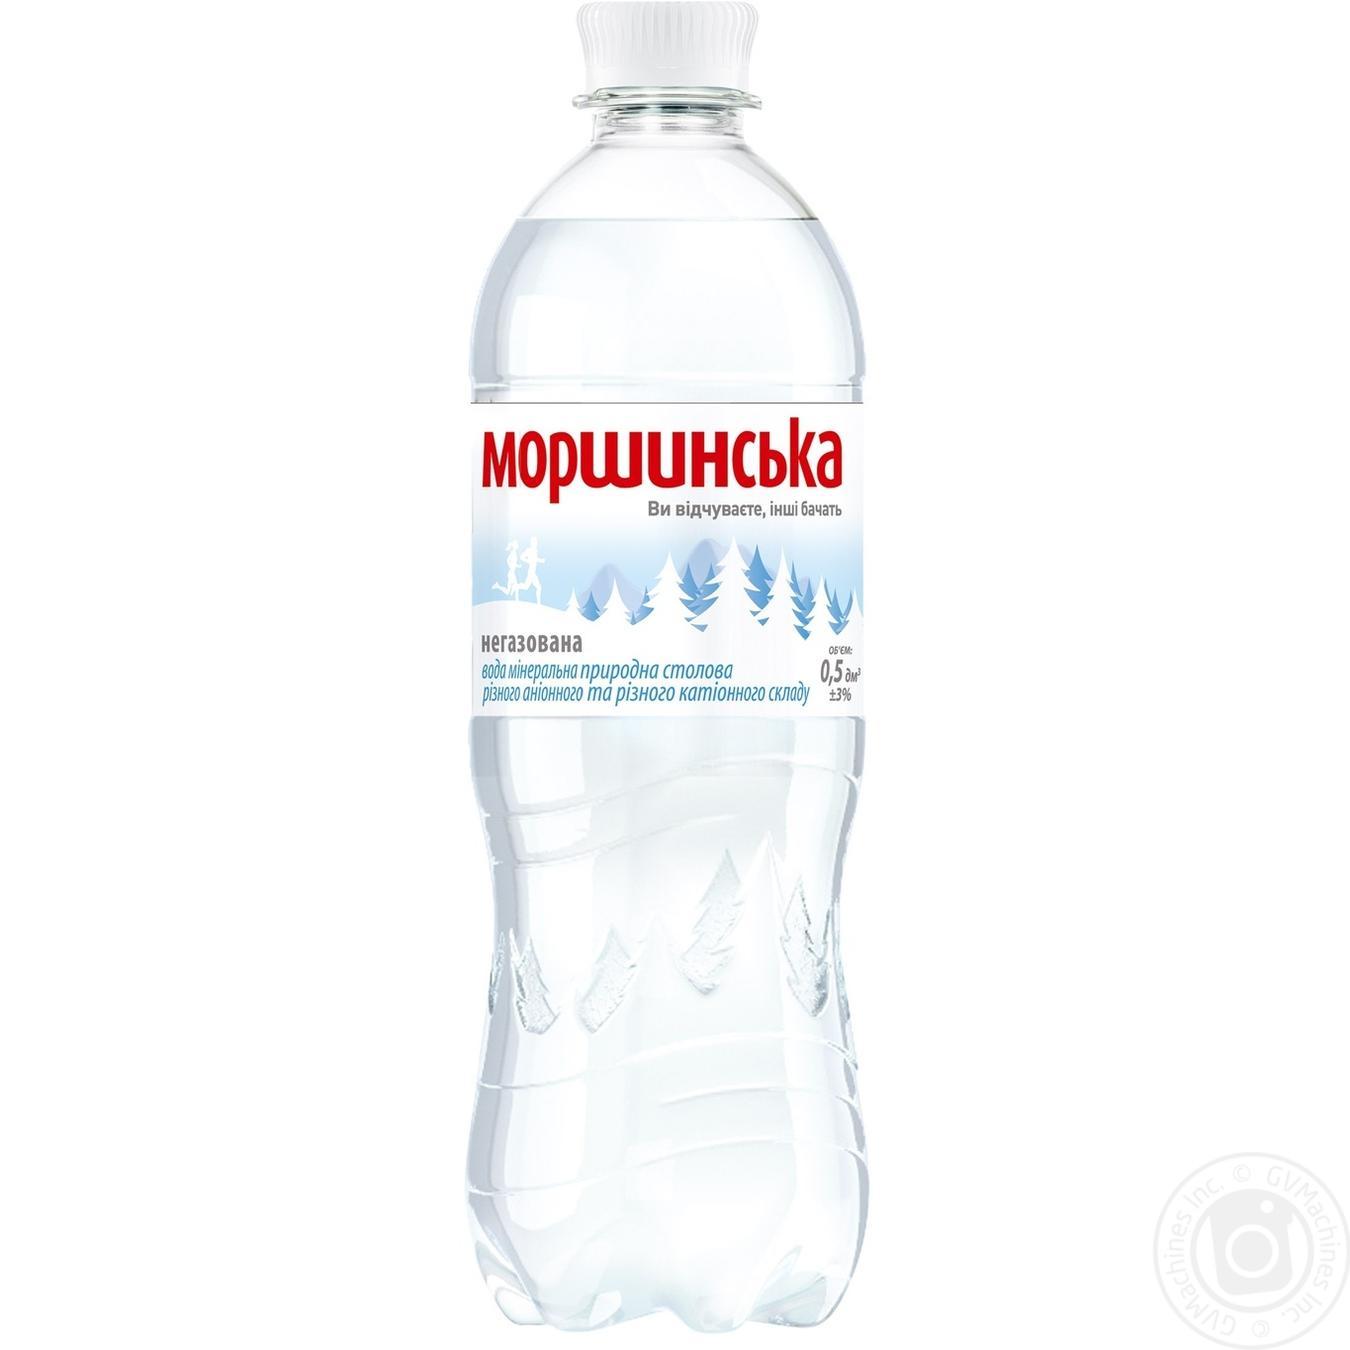 Купить Мінеральна вода Моршинська негазована пластикова пляшка 500мл Україна